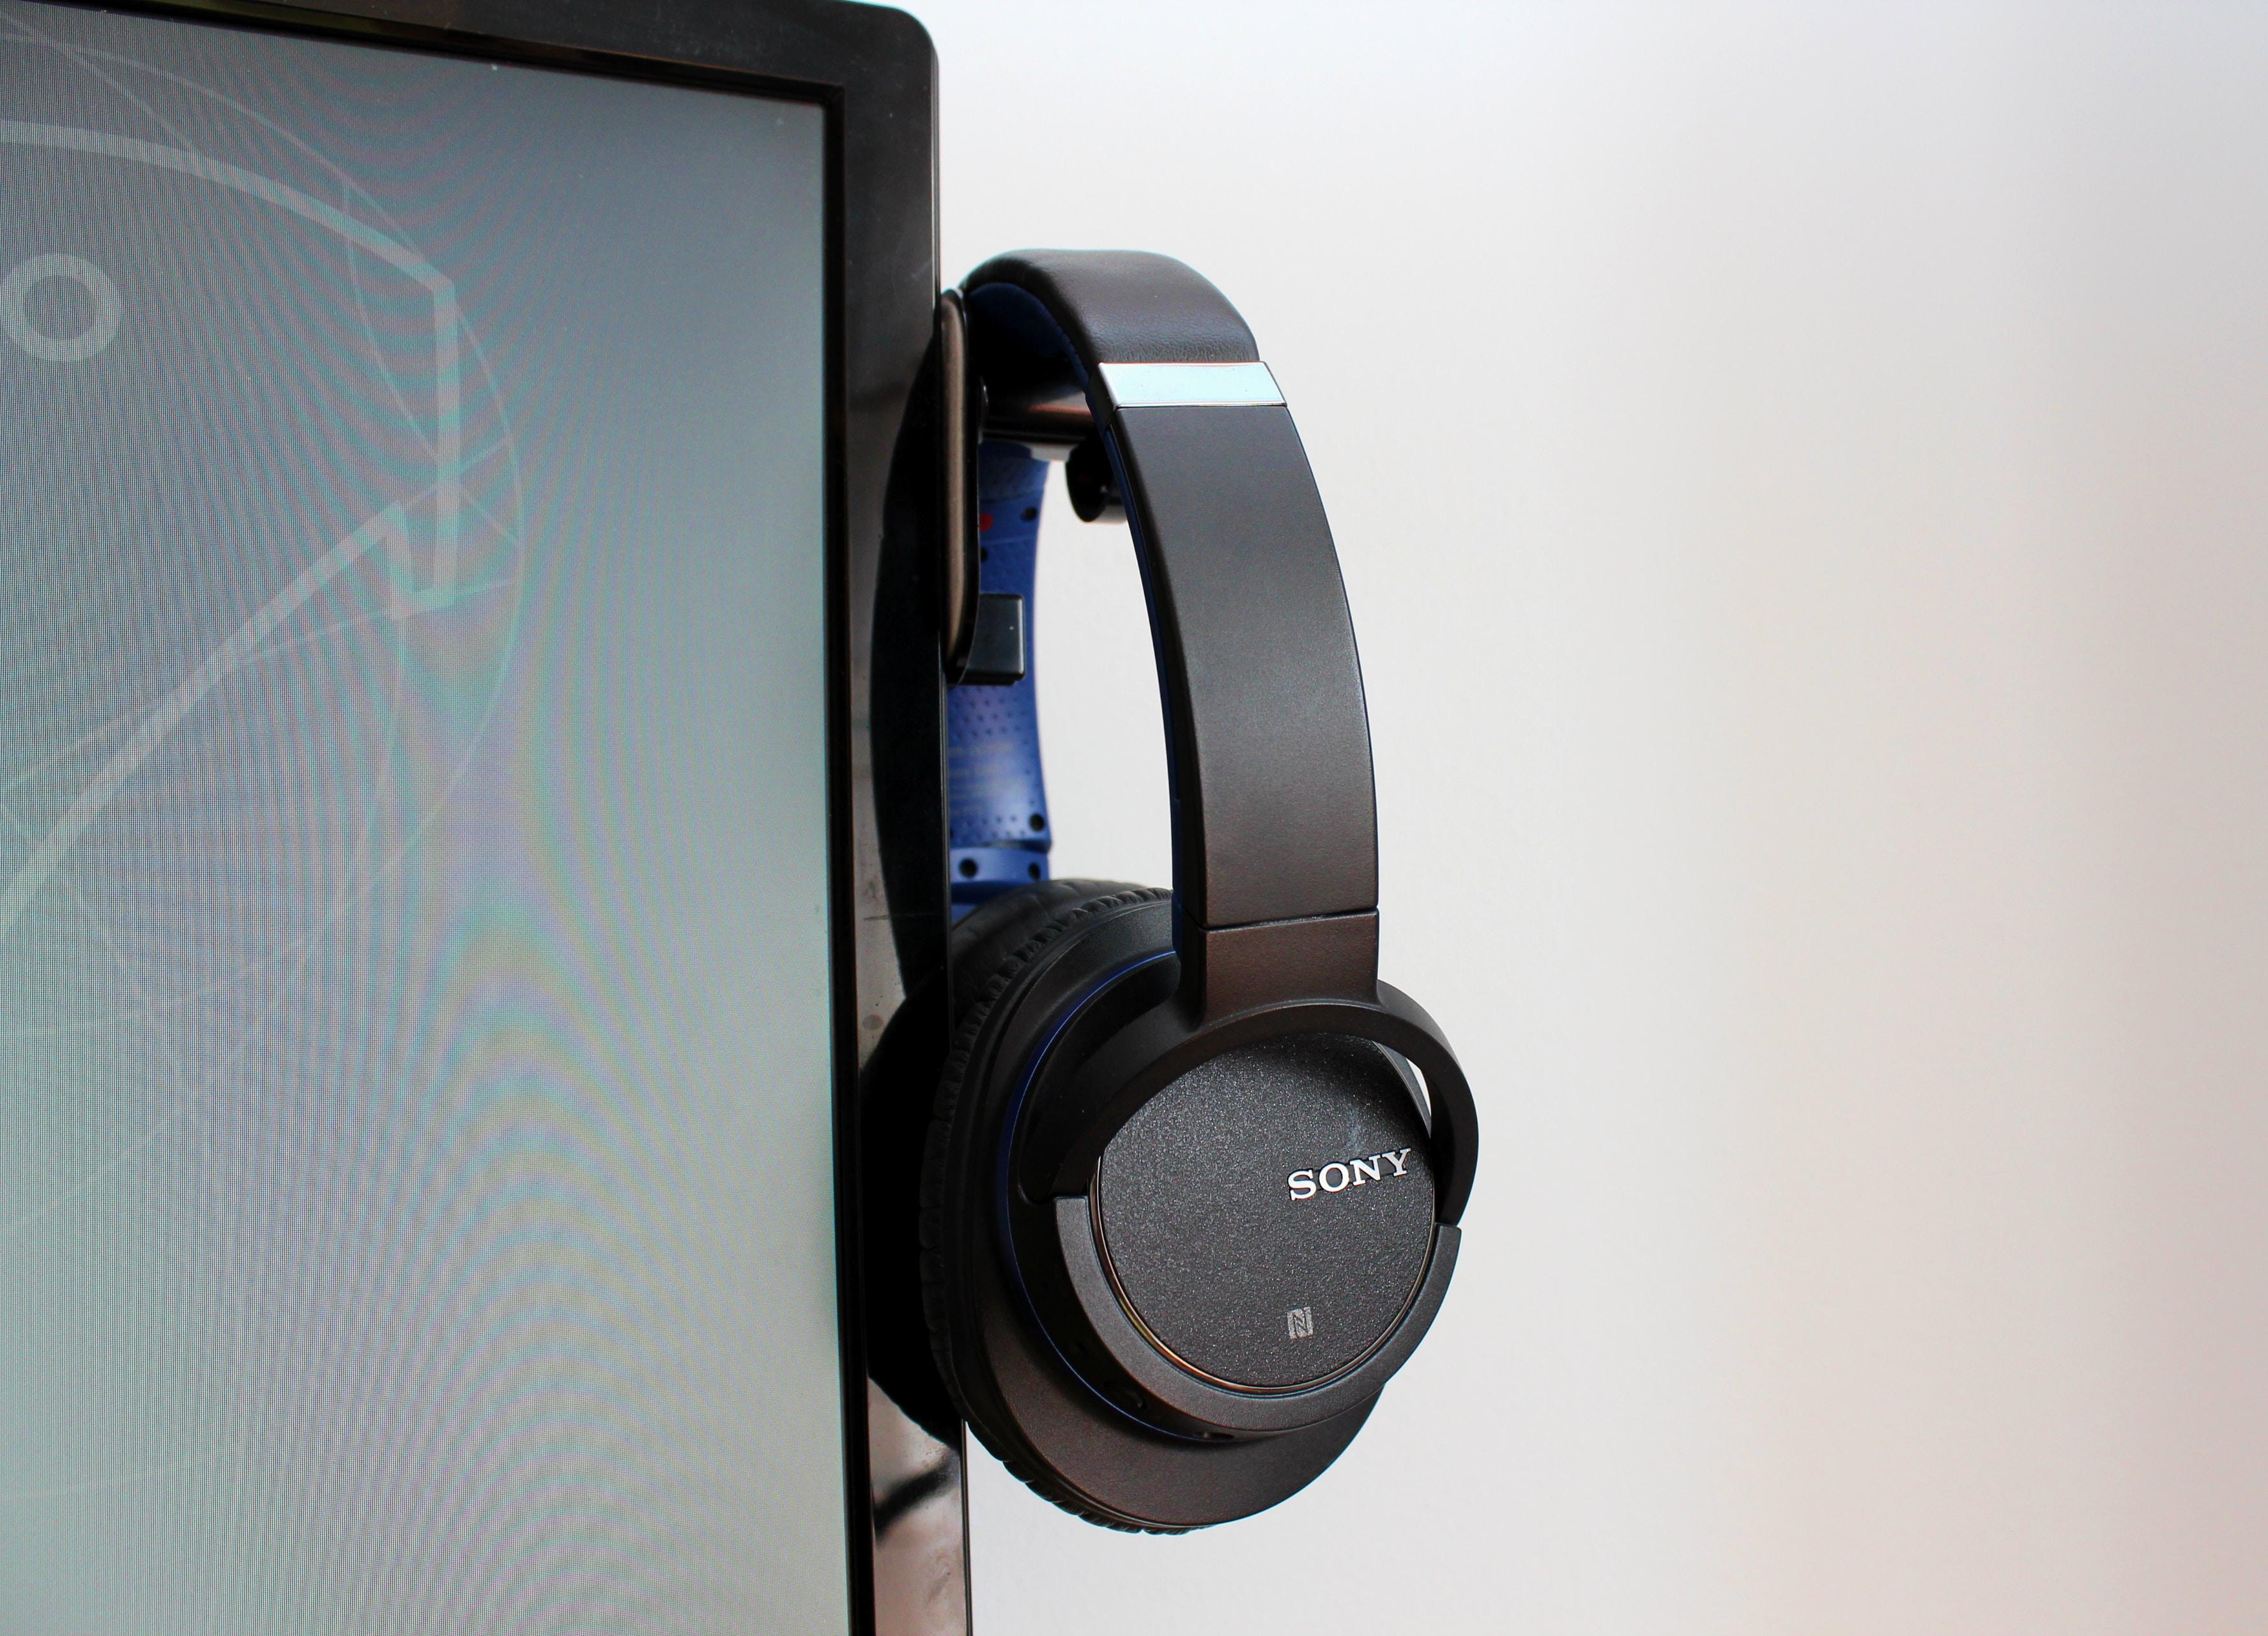 Sony Audio 360